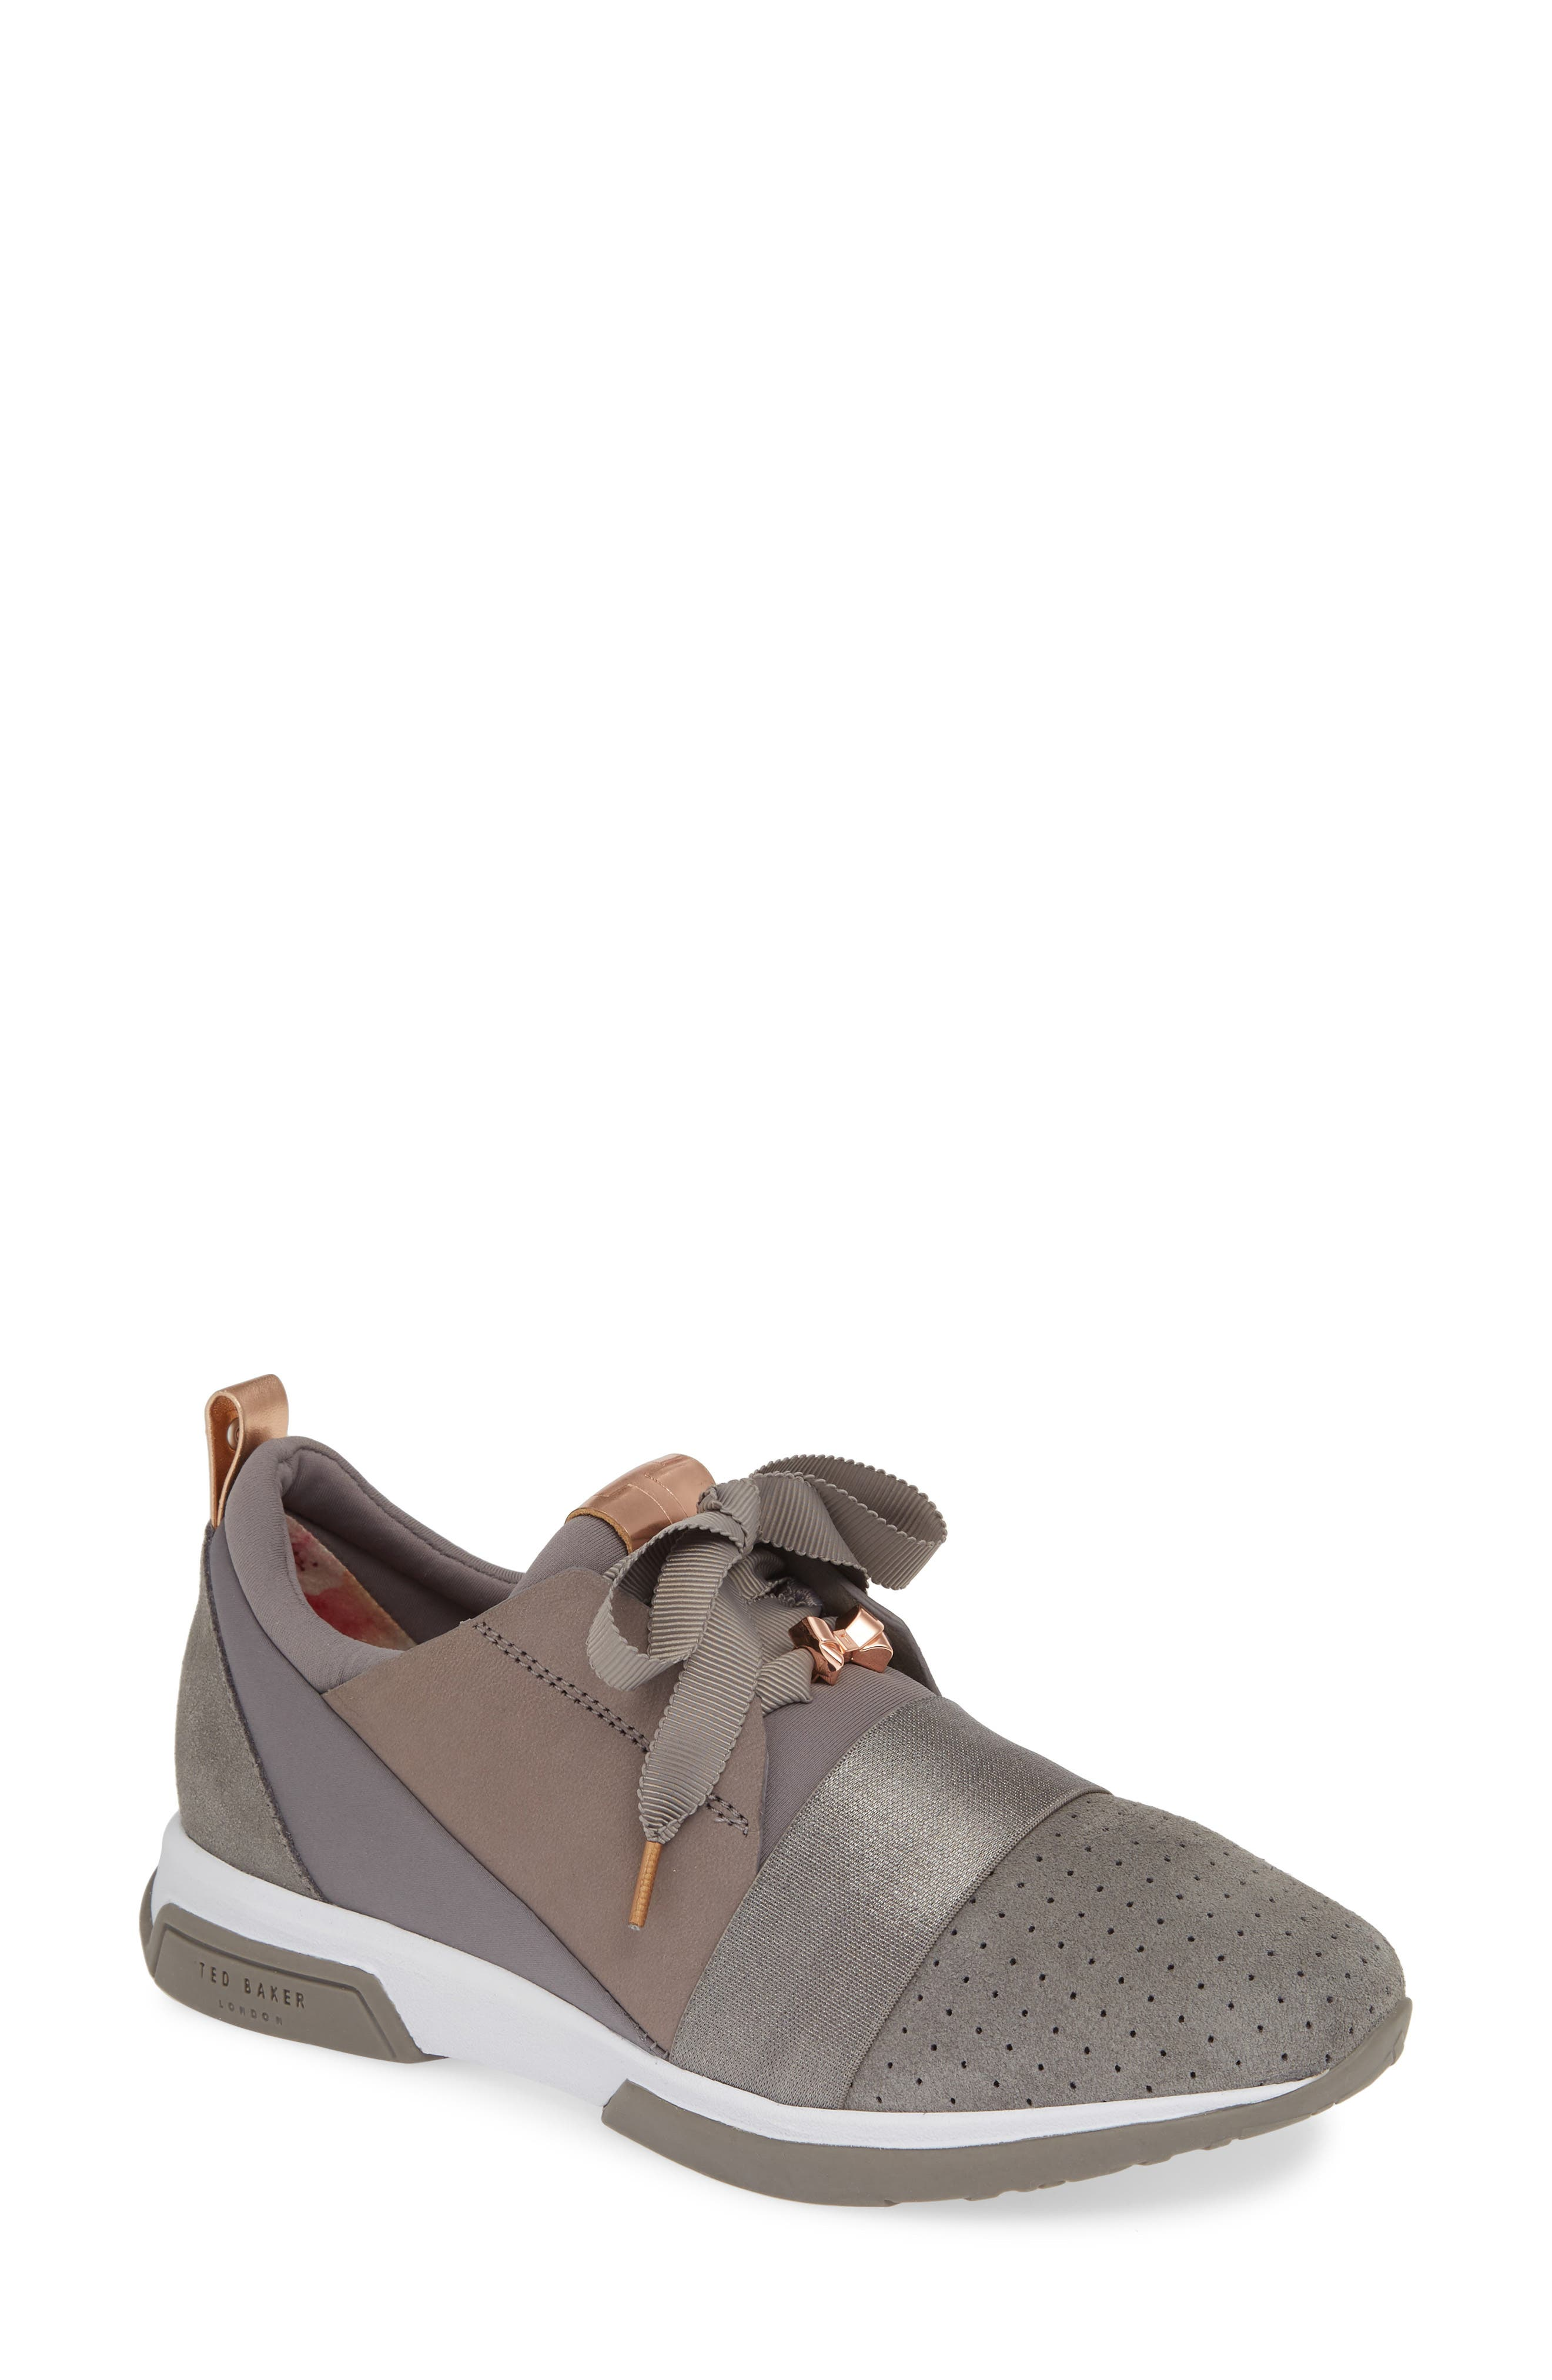 Ted Baker London Cepa Sneaker, Grey